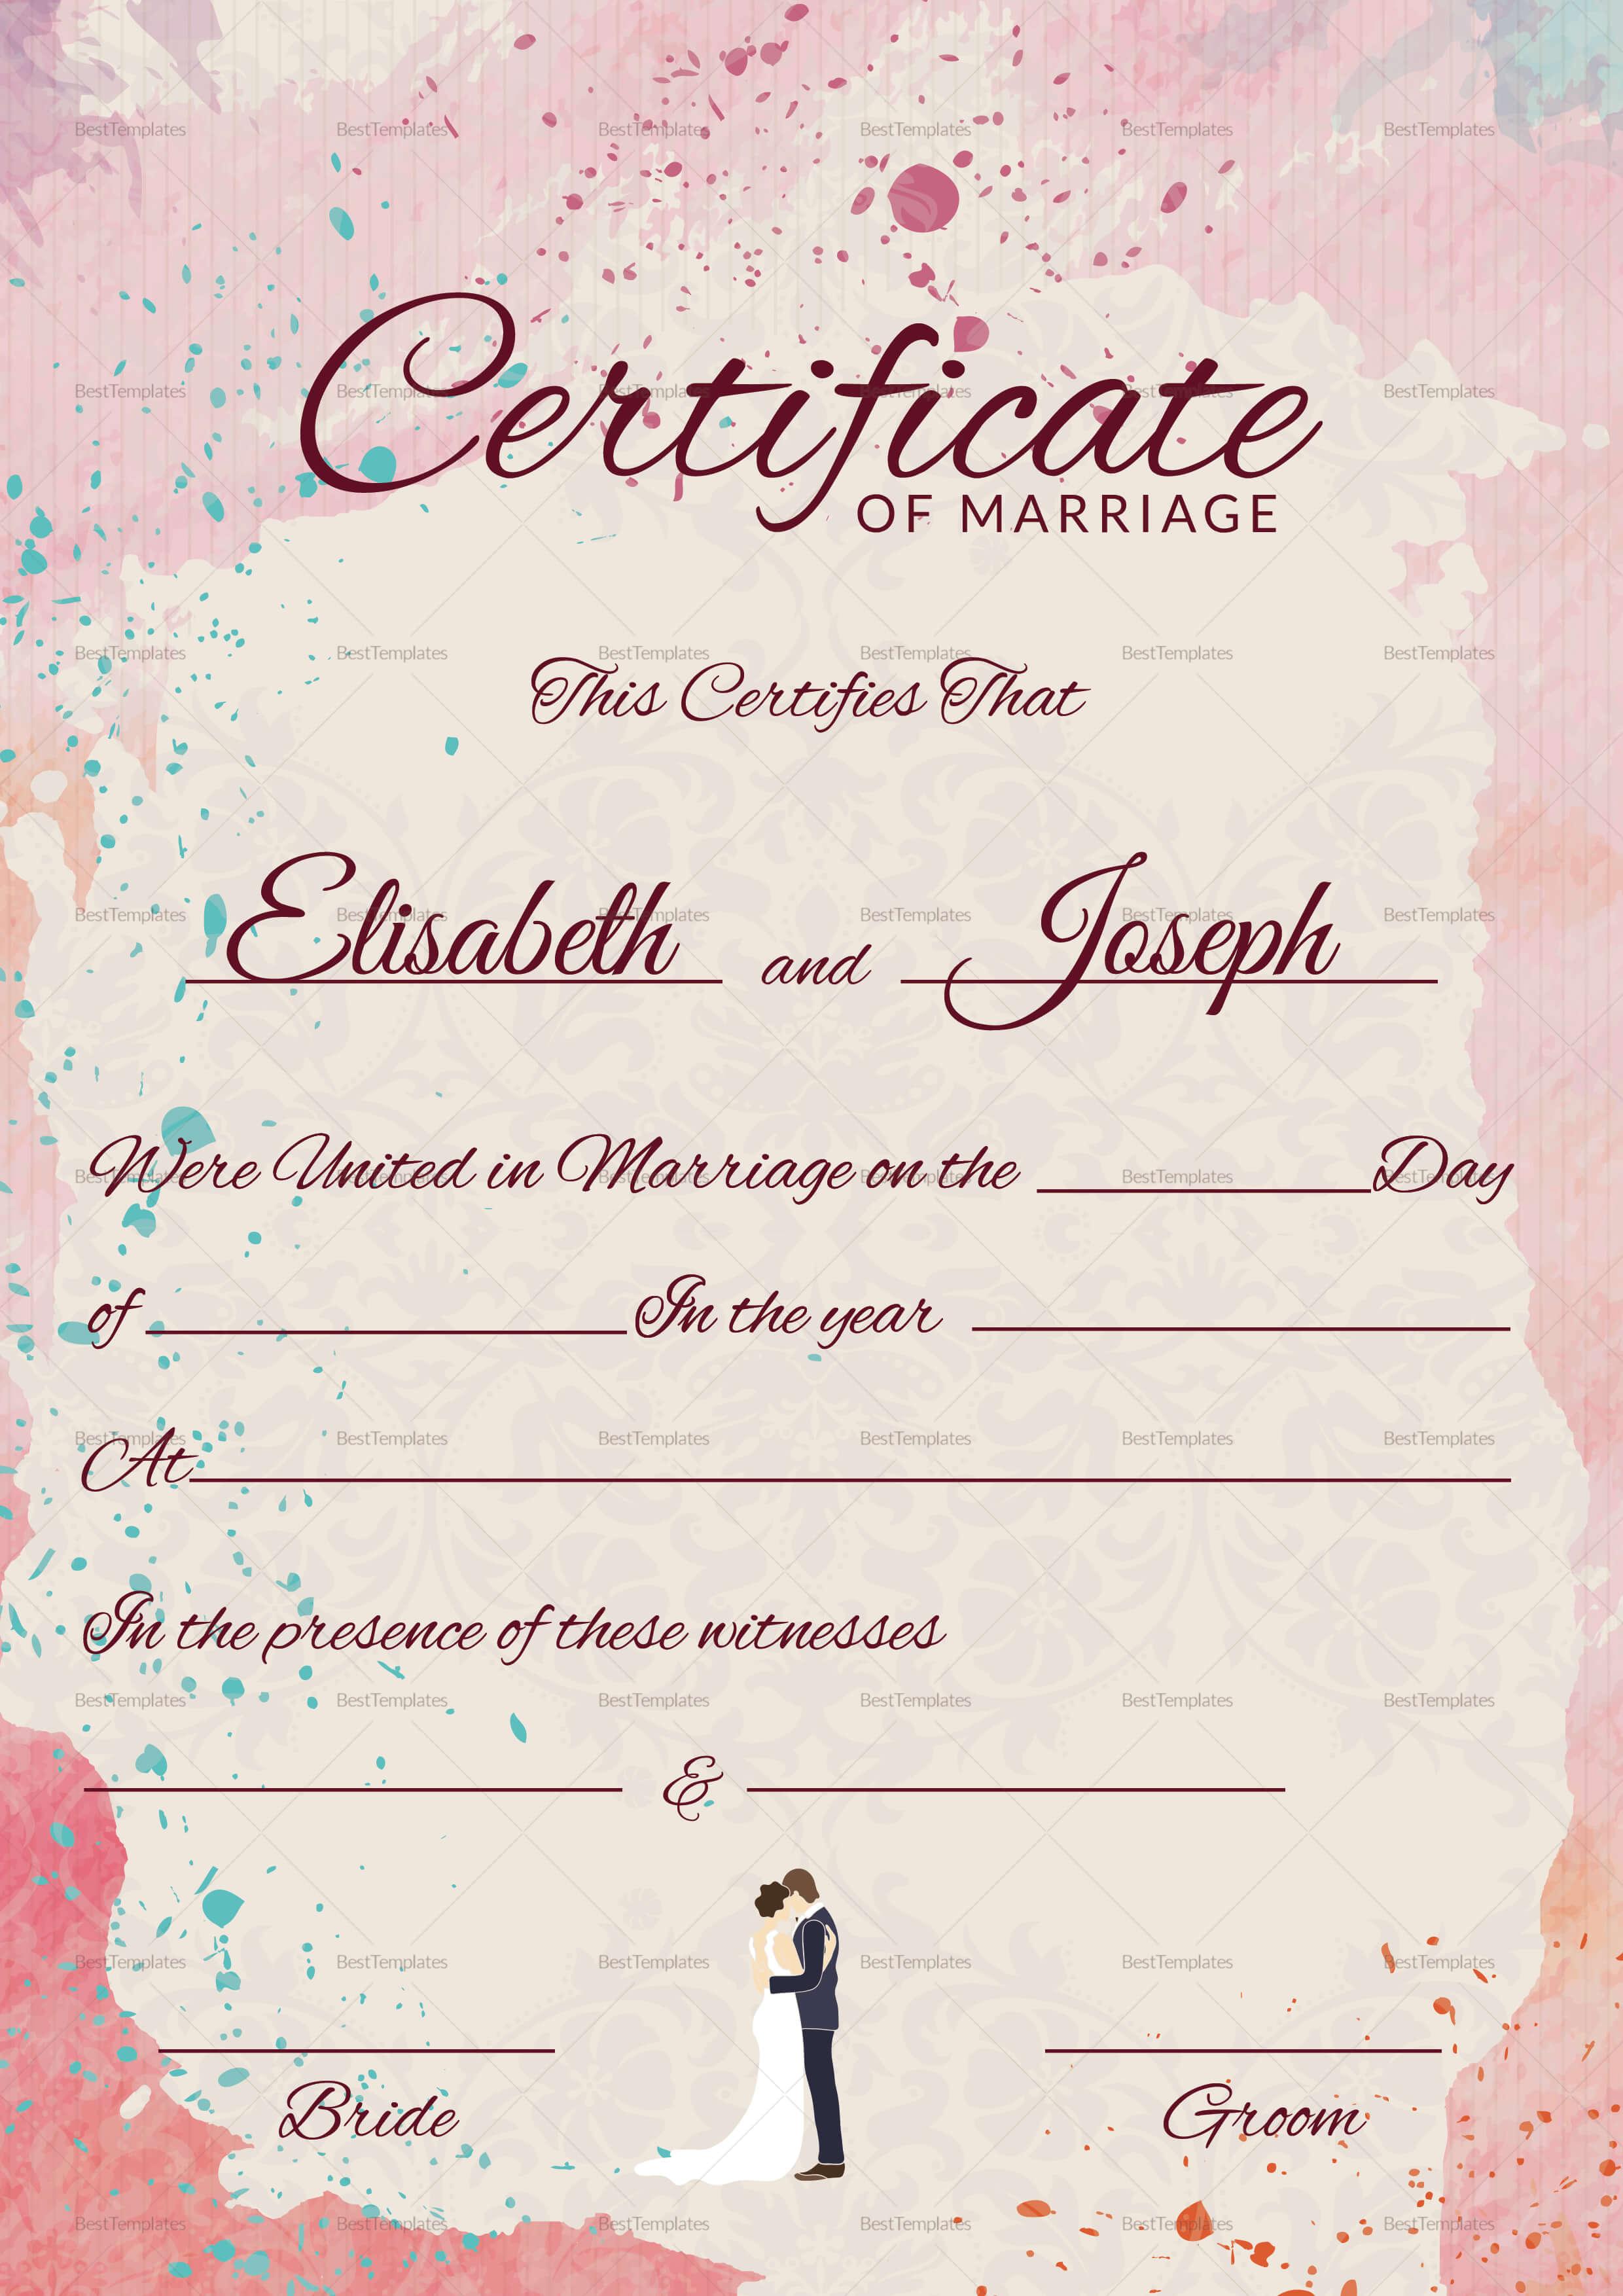 009 Marriage Certificate Template Ideas Beautiful Of Pdf with regard to Certificate Of Marriage Template